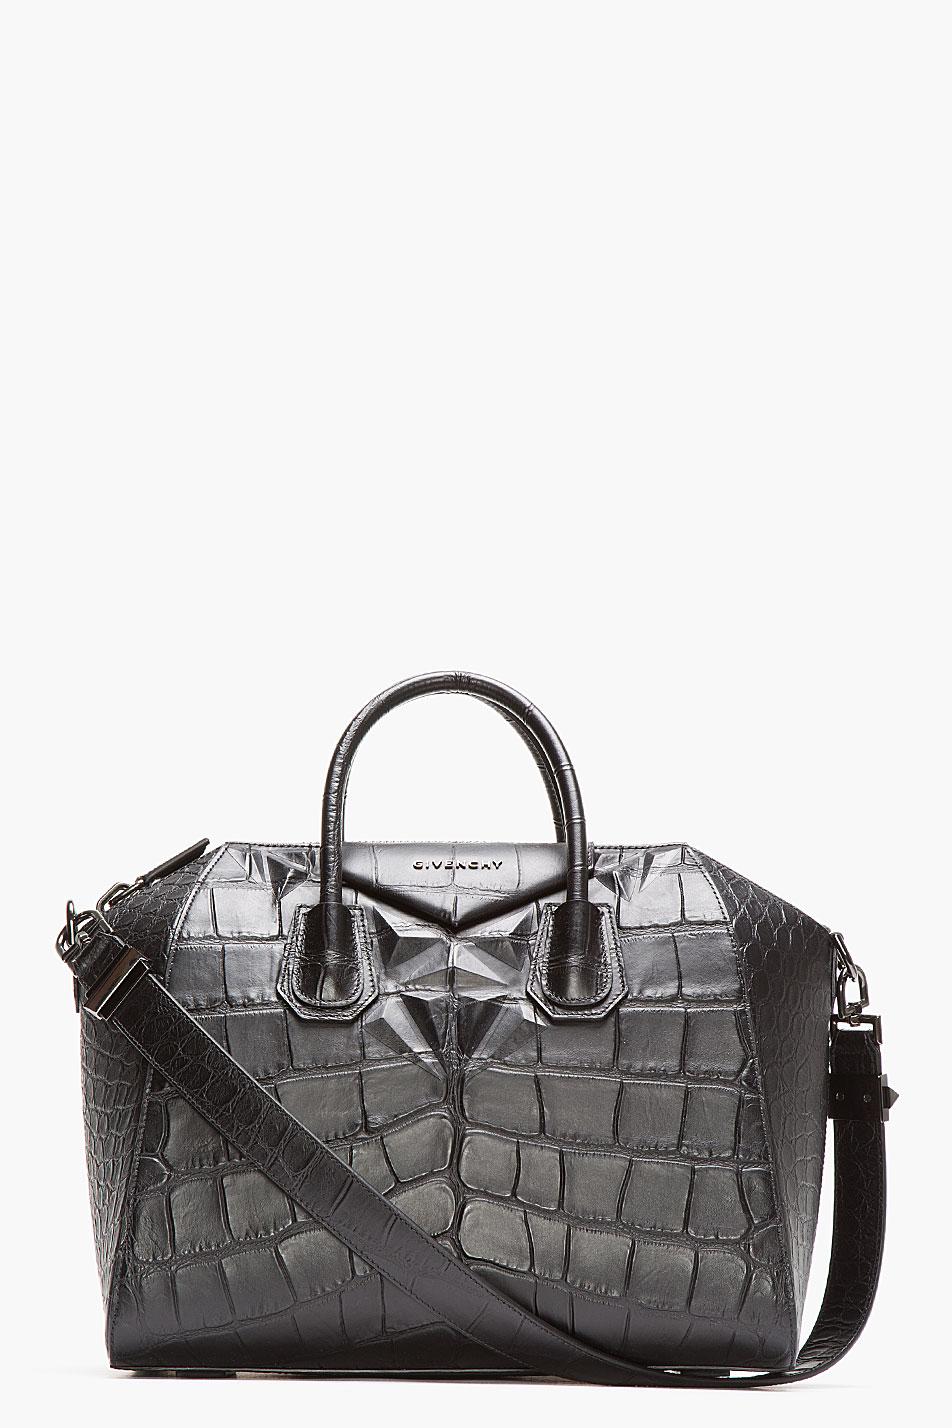 Givenchy Antigona Bag Leather And Crocodile Embossed Large RtVjaEb